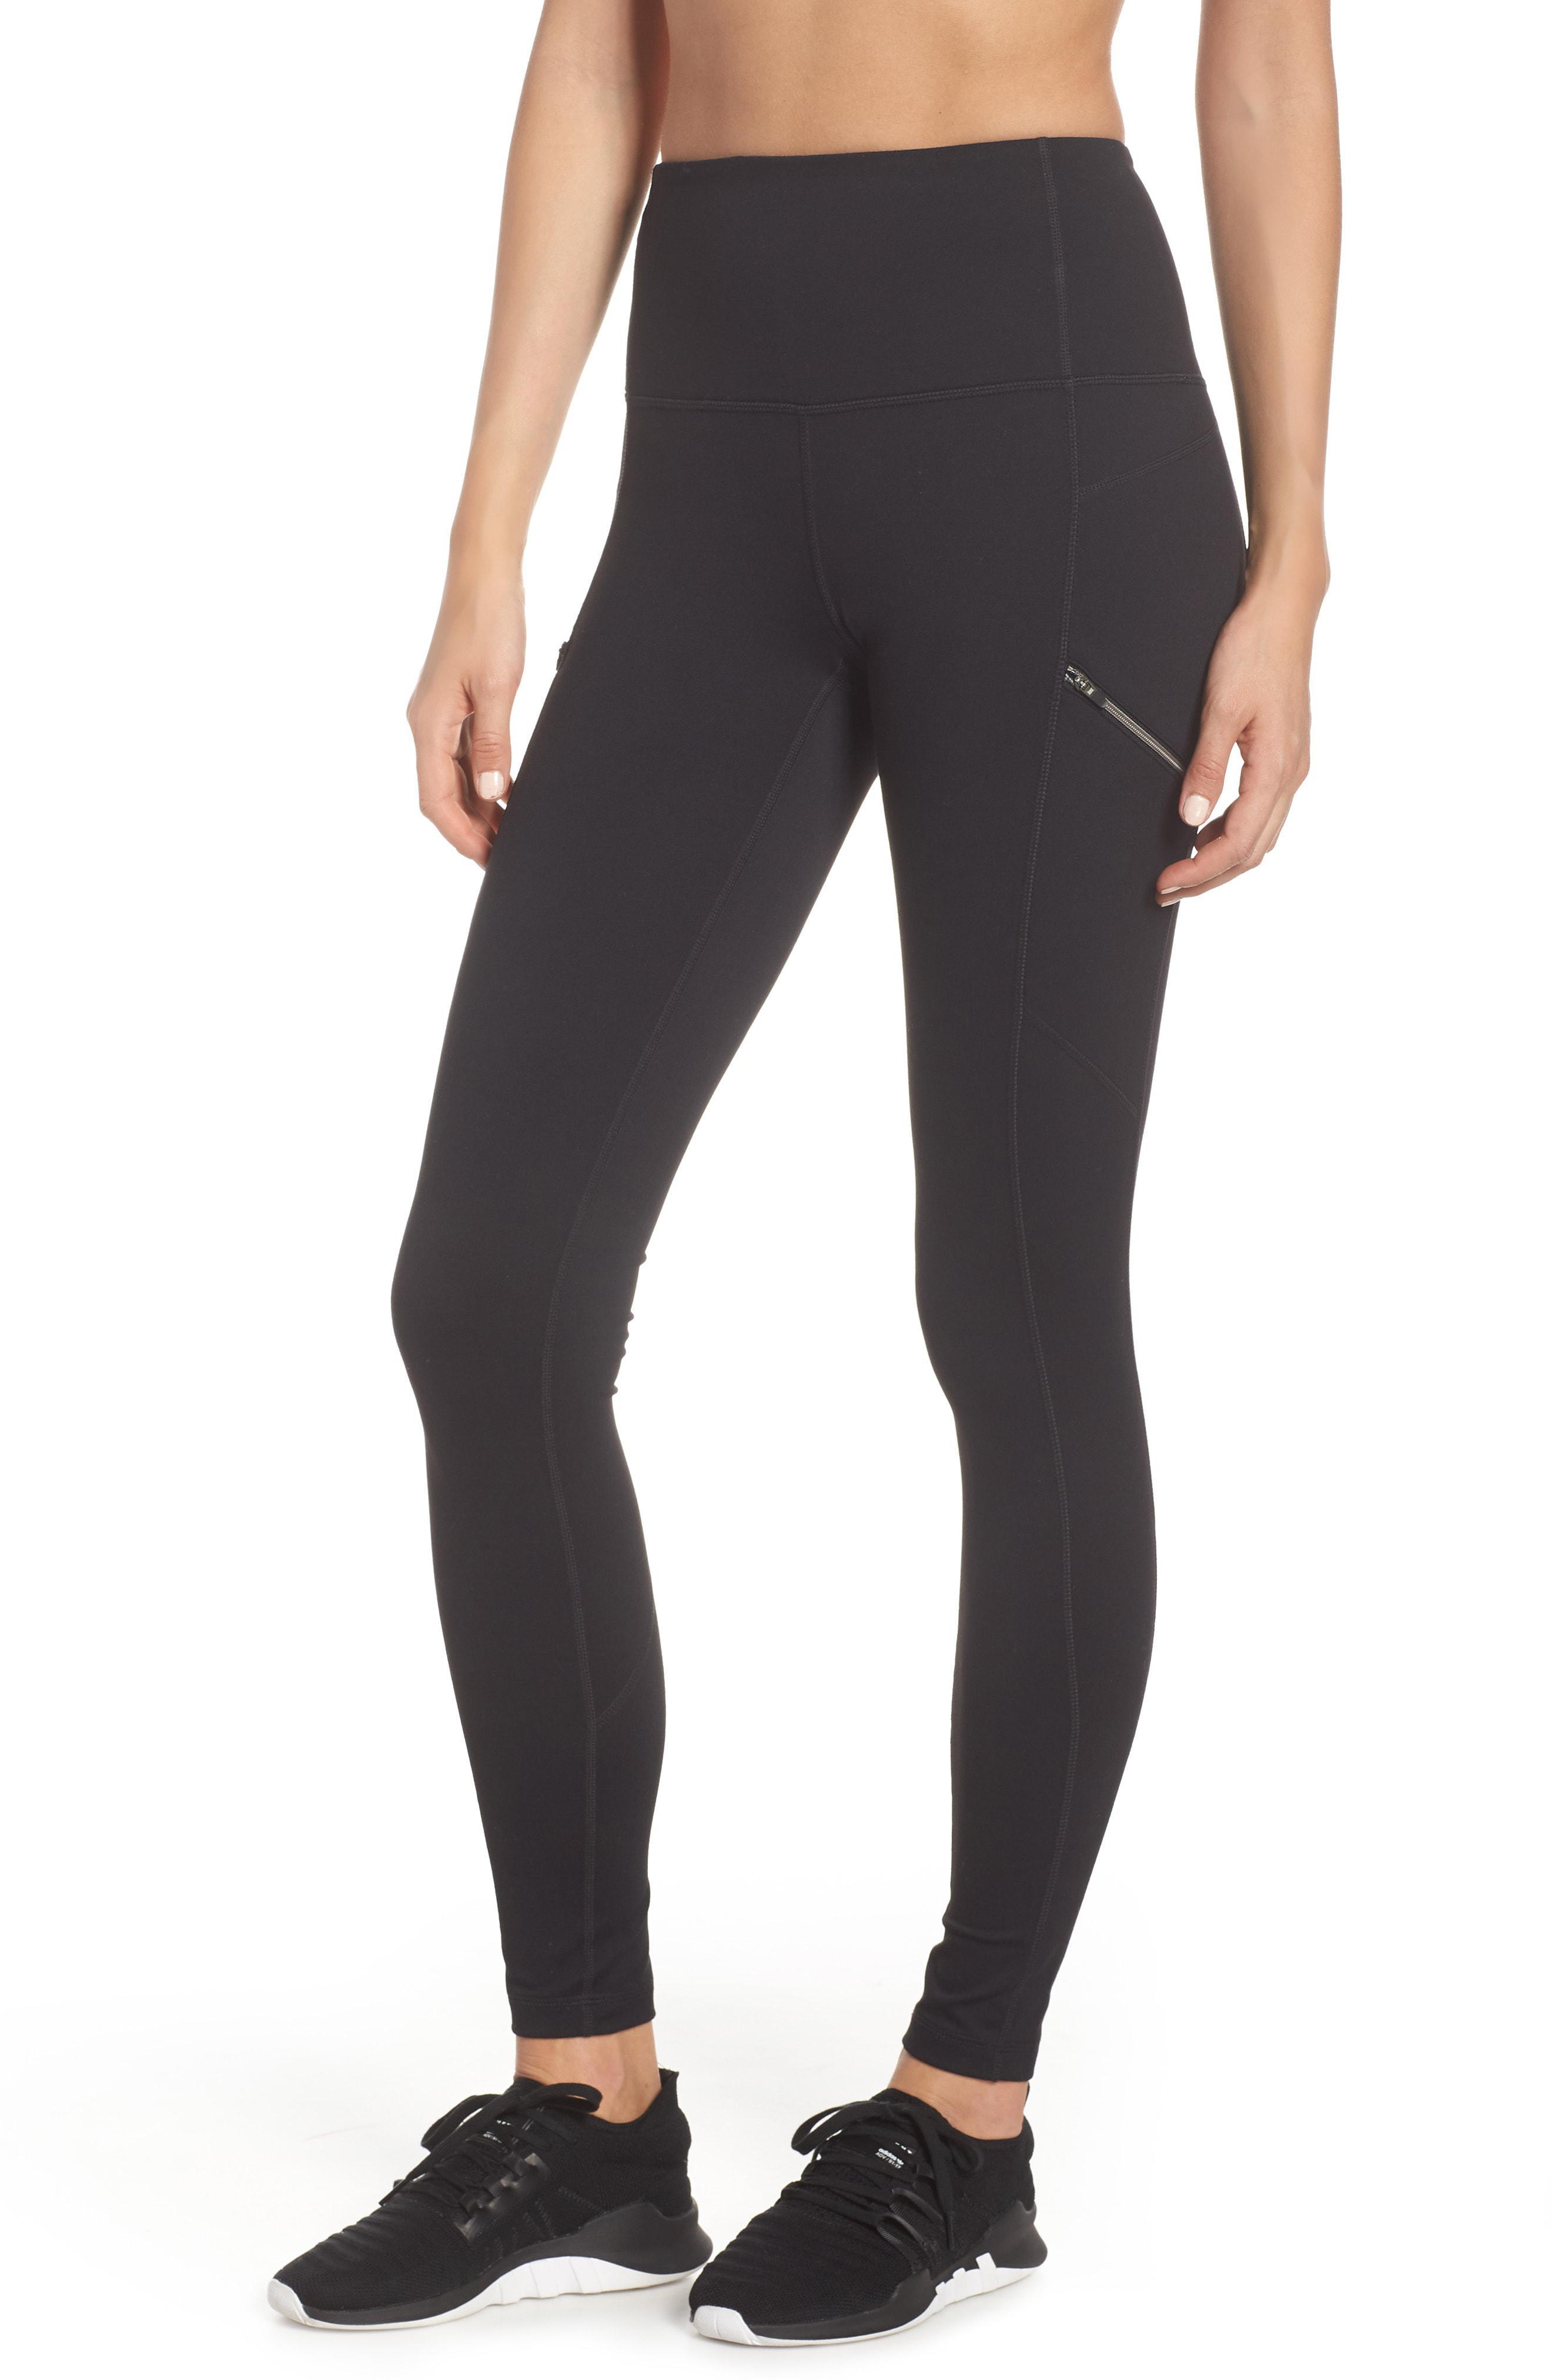 ffdb55db544ed Lyst - Zella Urban Achiever High Waist Leggings in Black